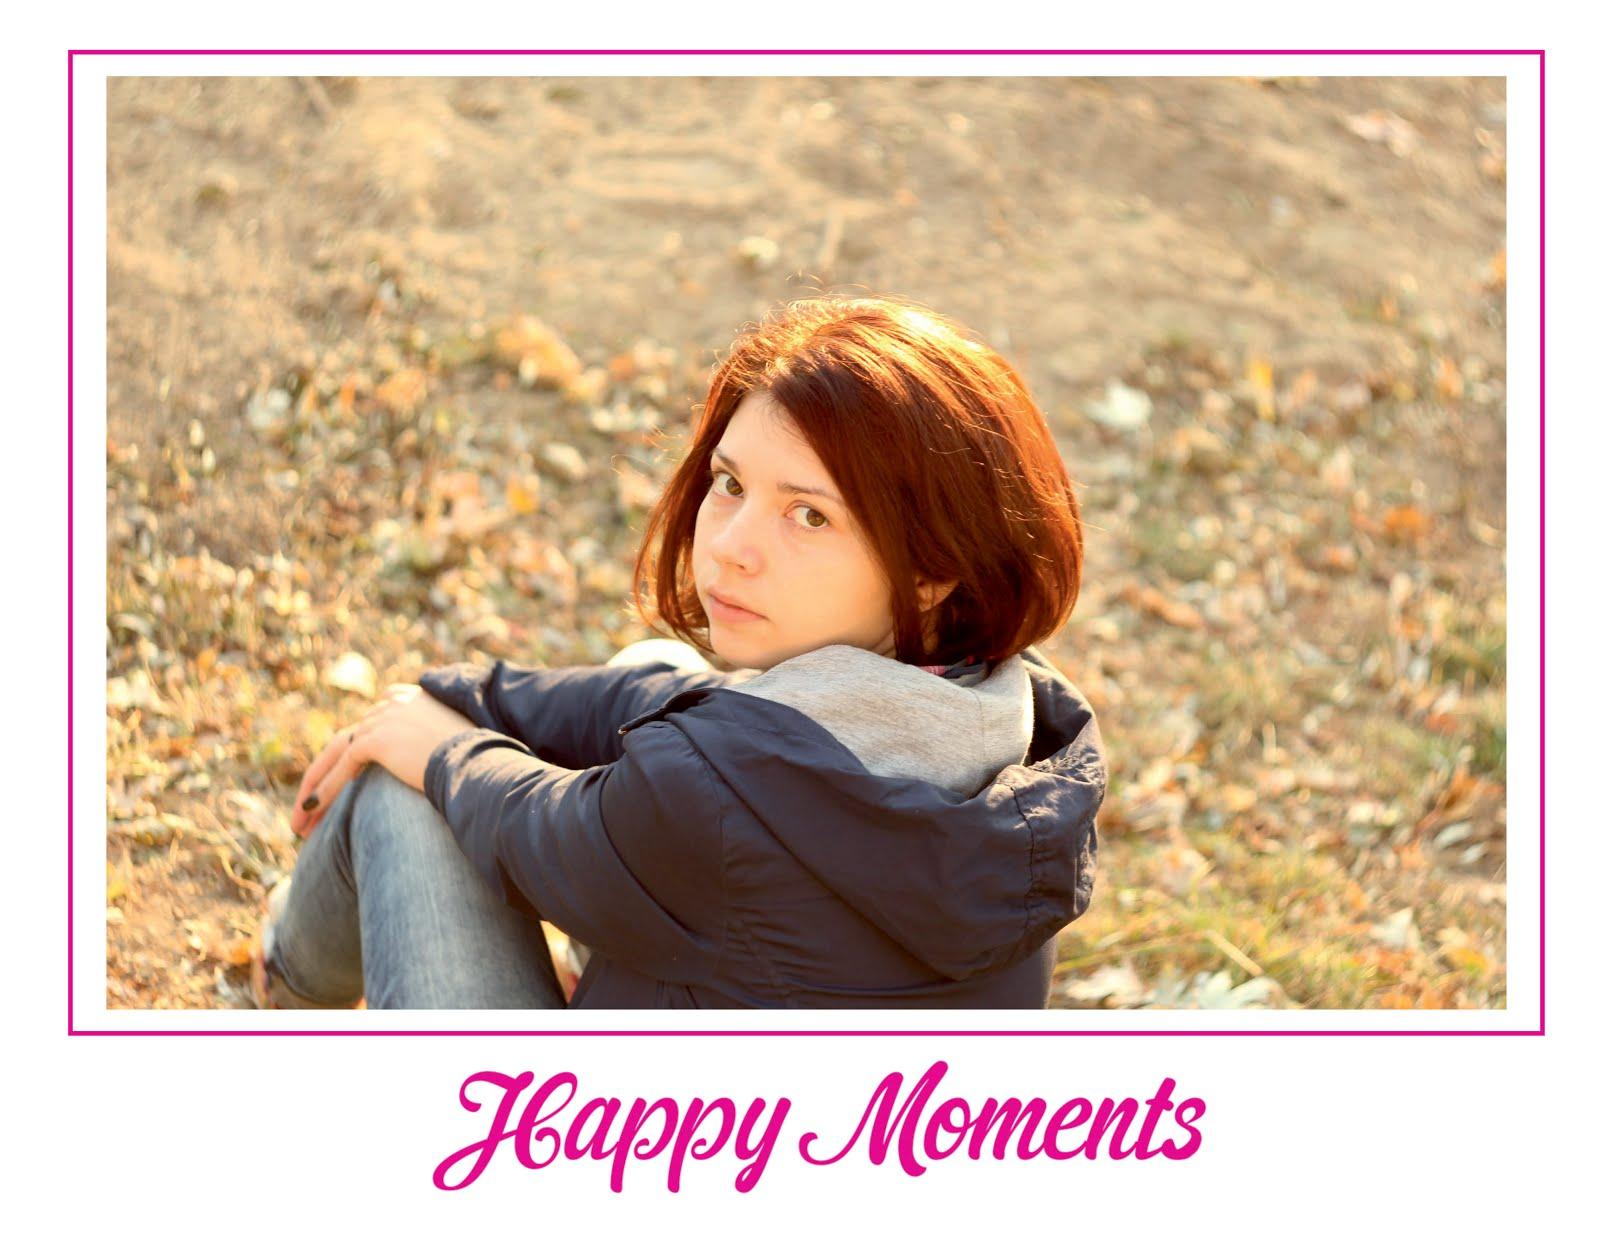 happyscrapmoments